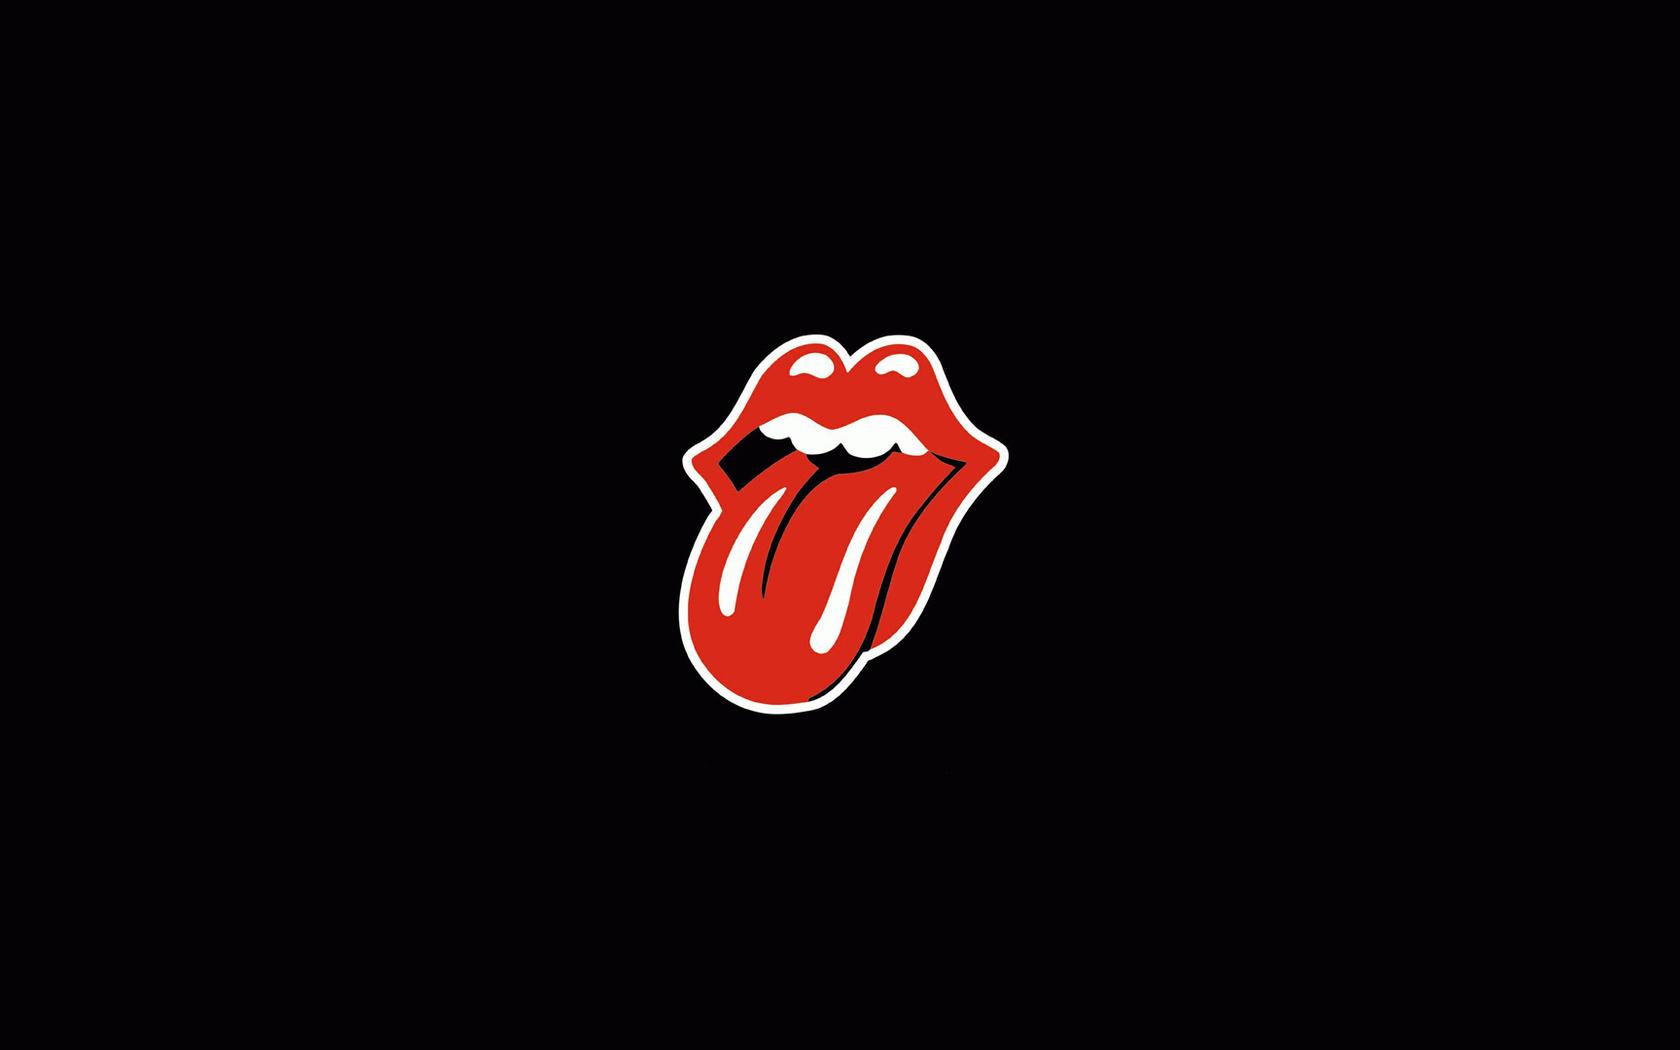 The Rolling Stones 15 Wide Wallpaper - Hot Celebrities